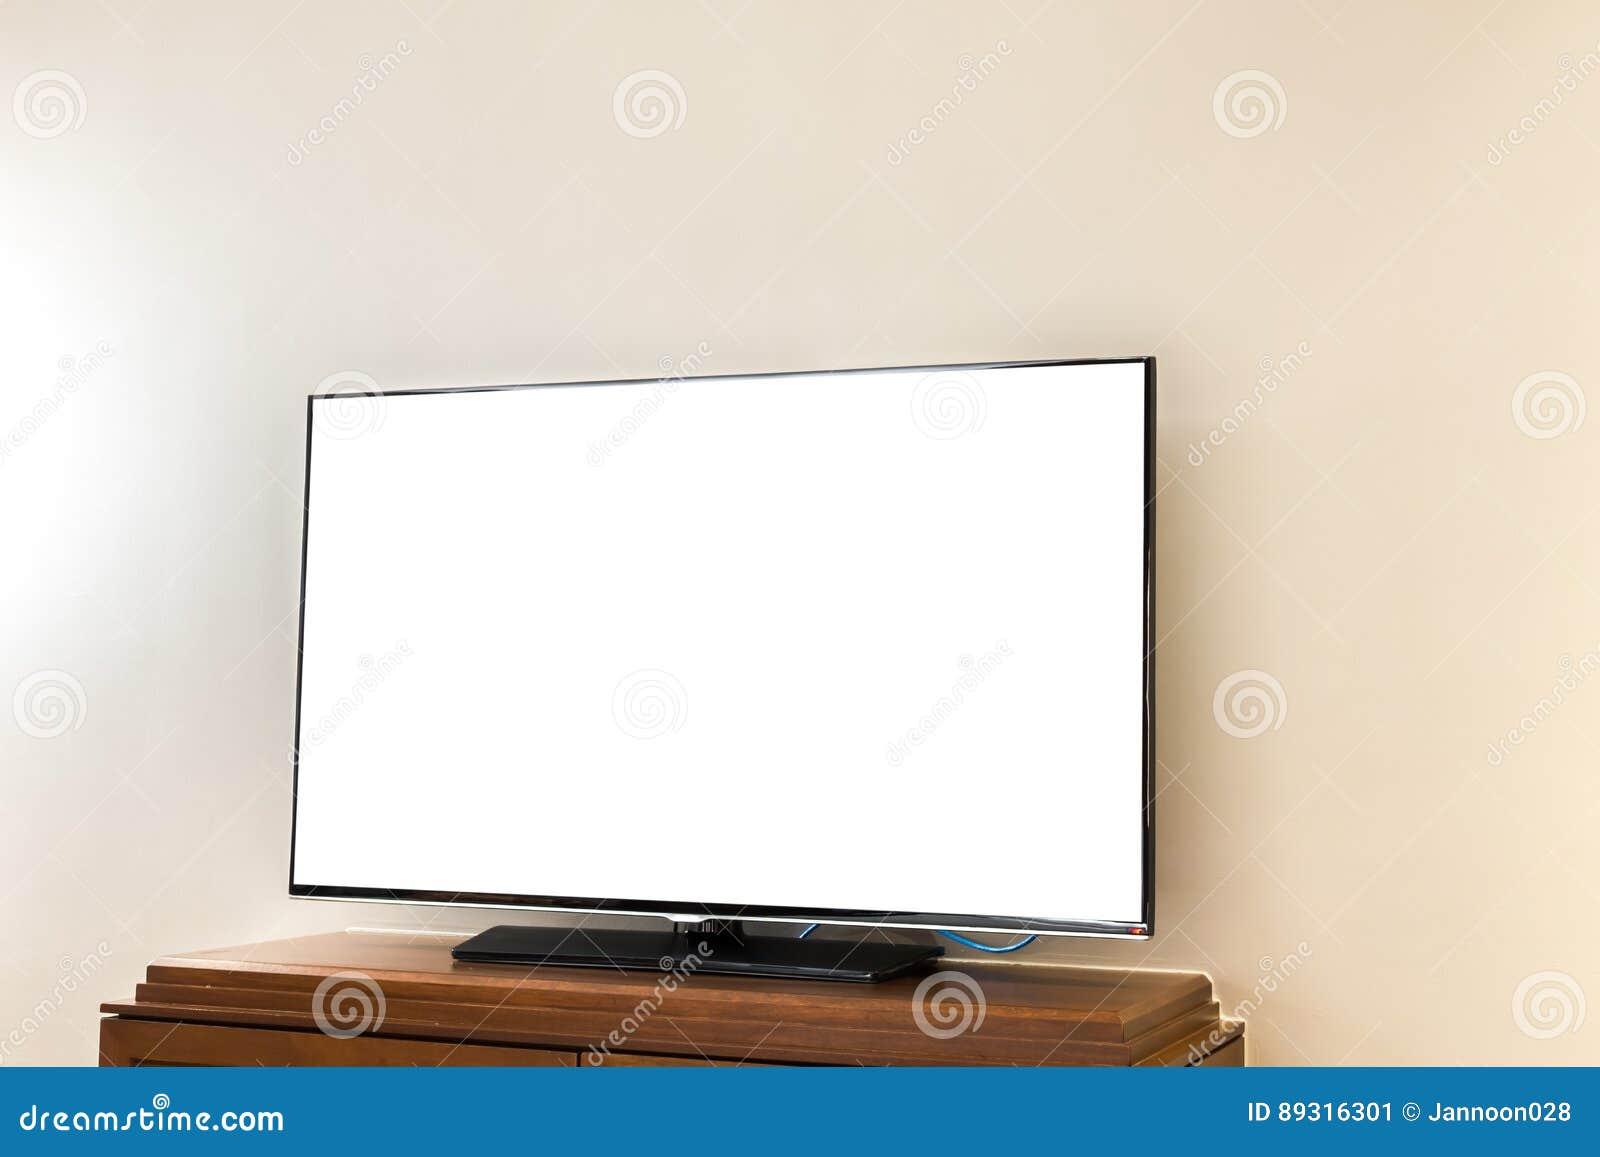 Retro Art Woonkamer : Moderne televisie in woonkamer stock afbeelding afbeelding